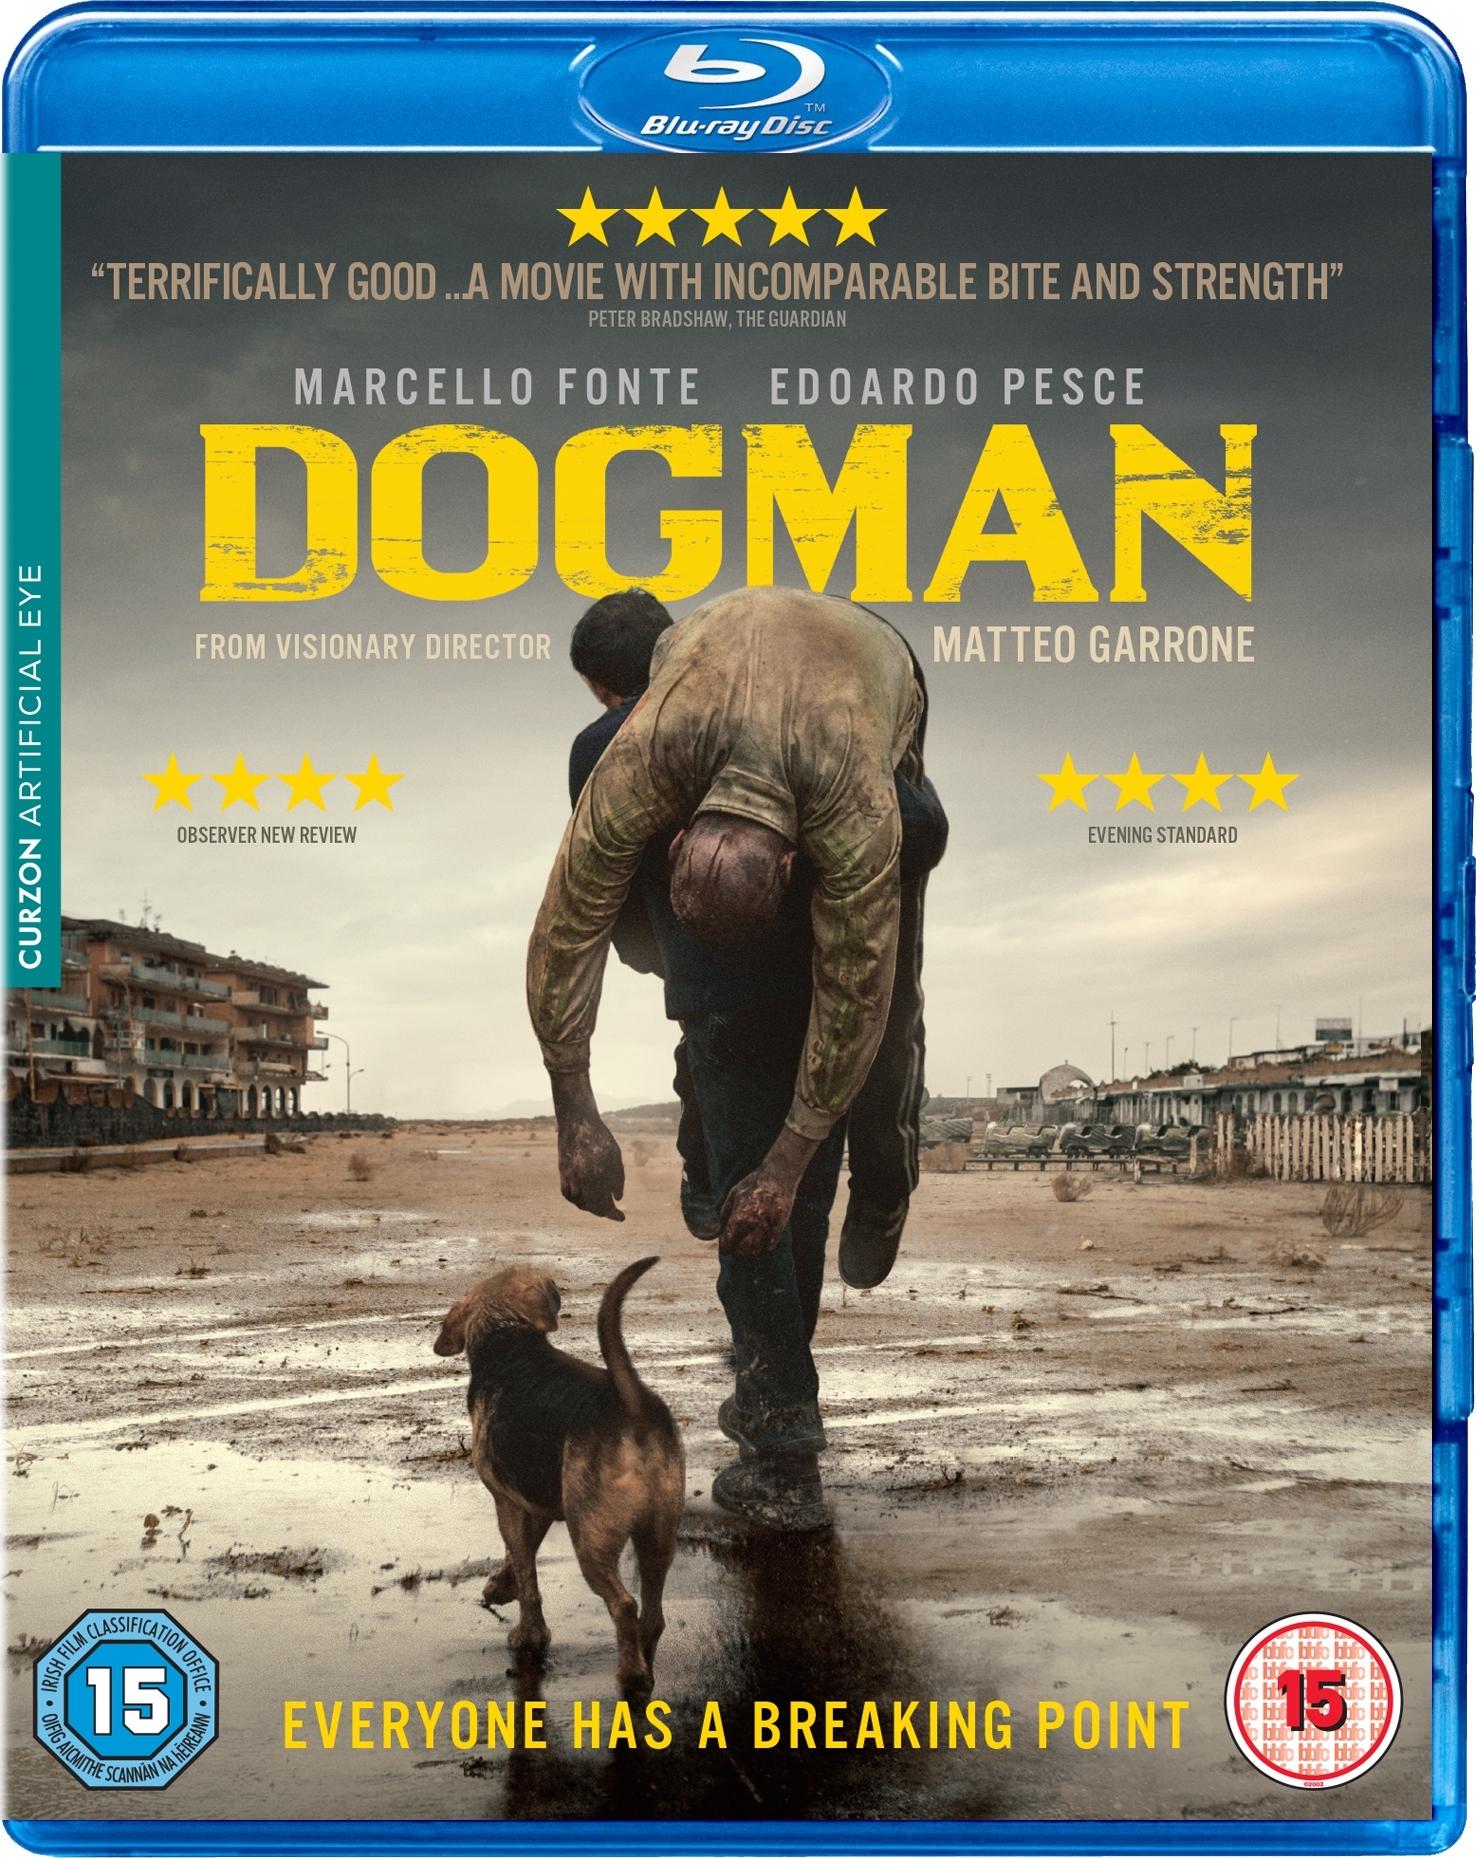 Dogman (2018) poster image